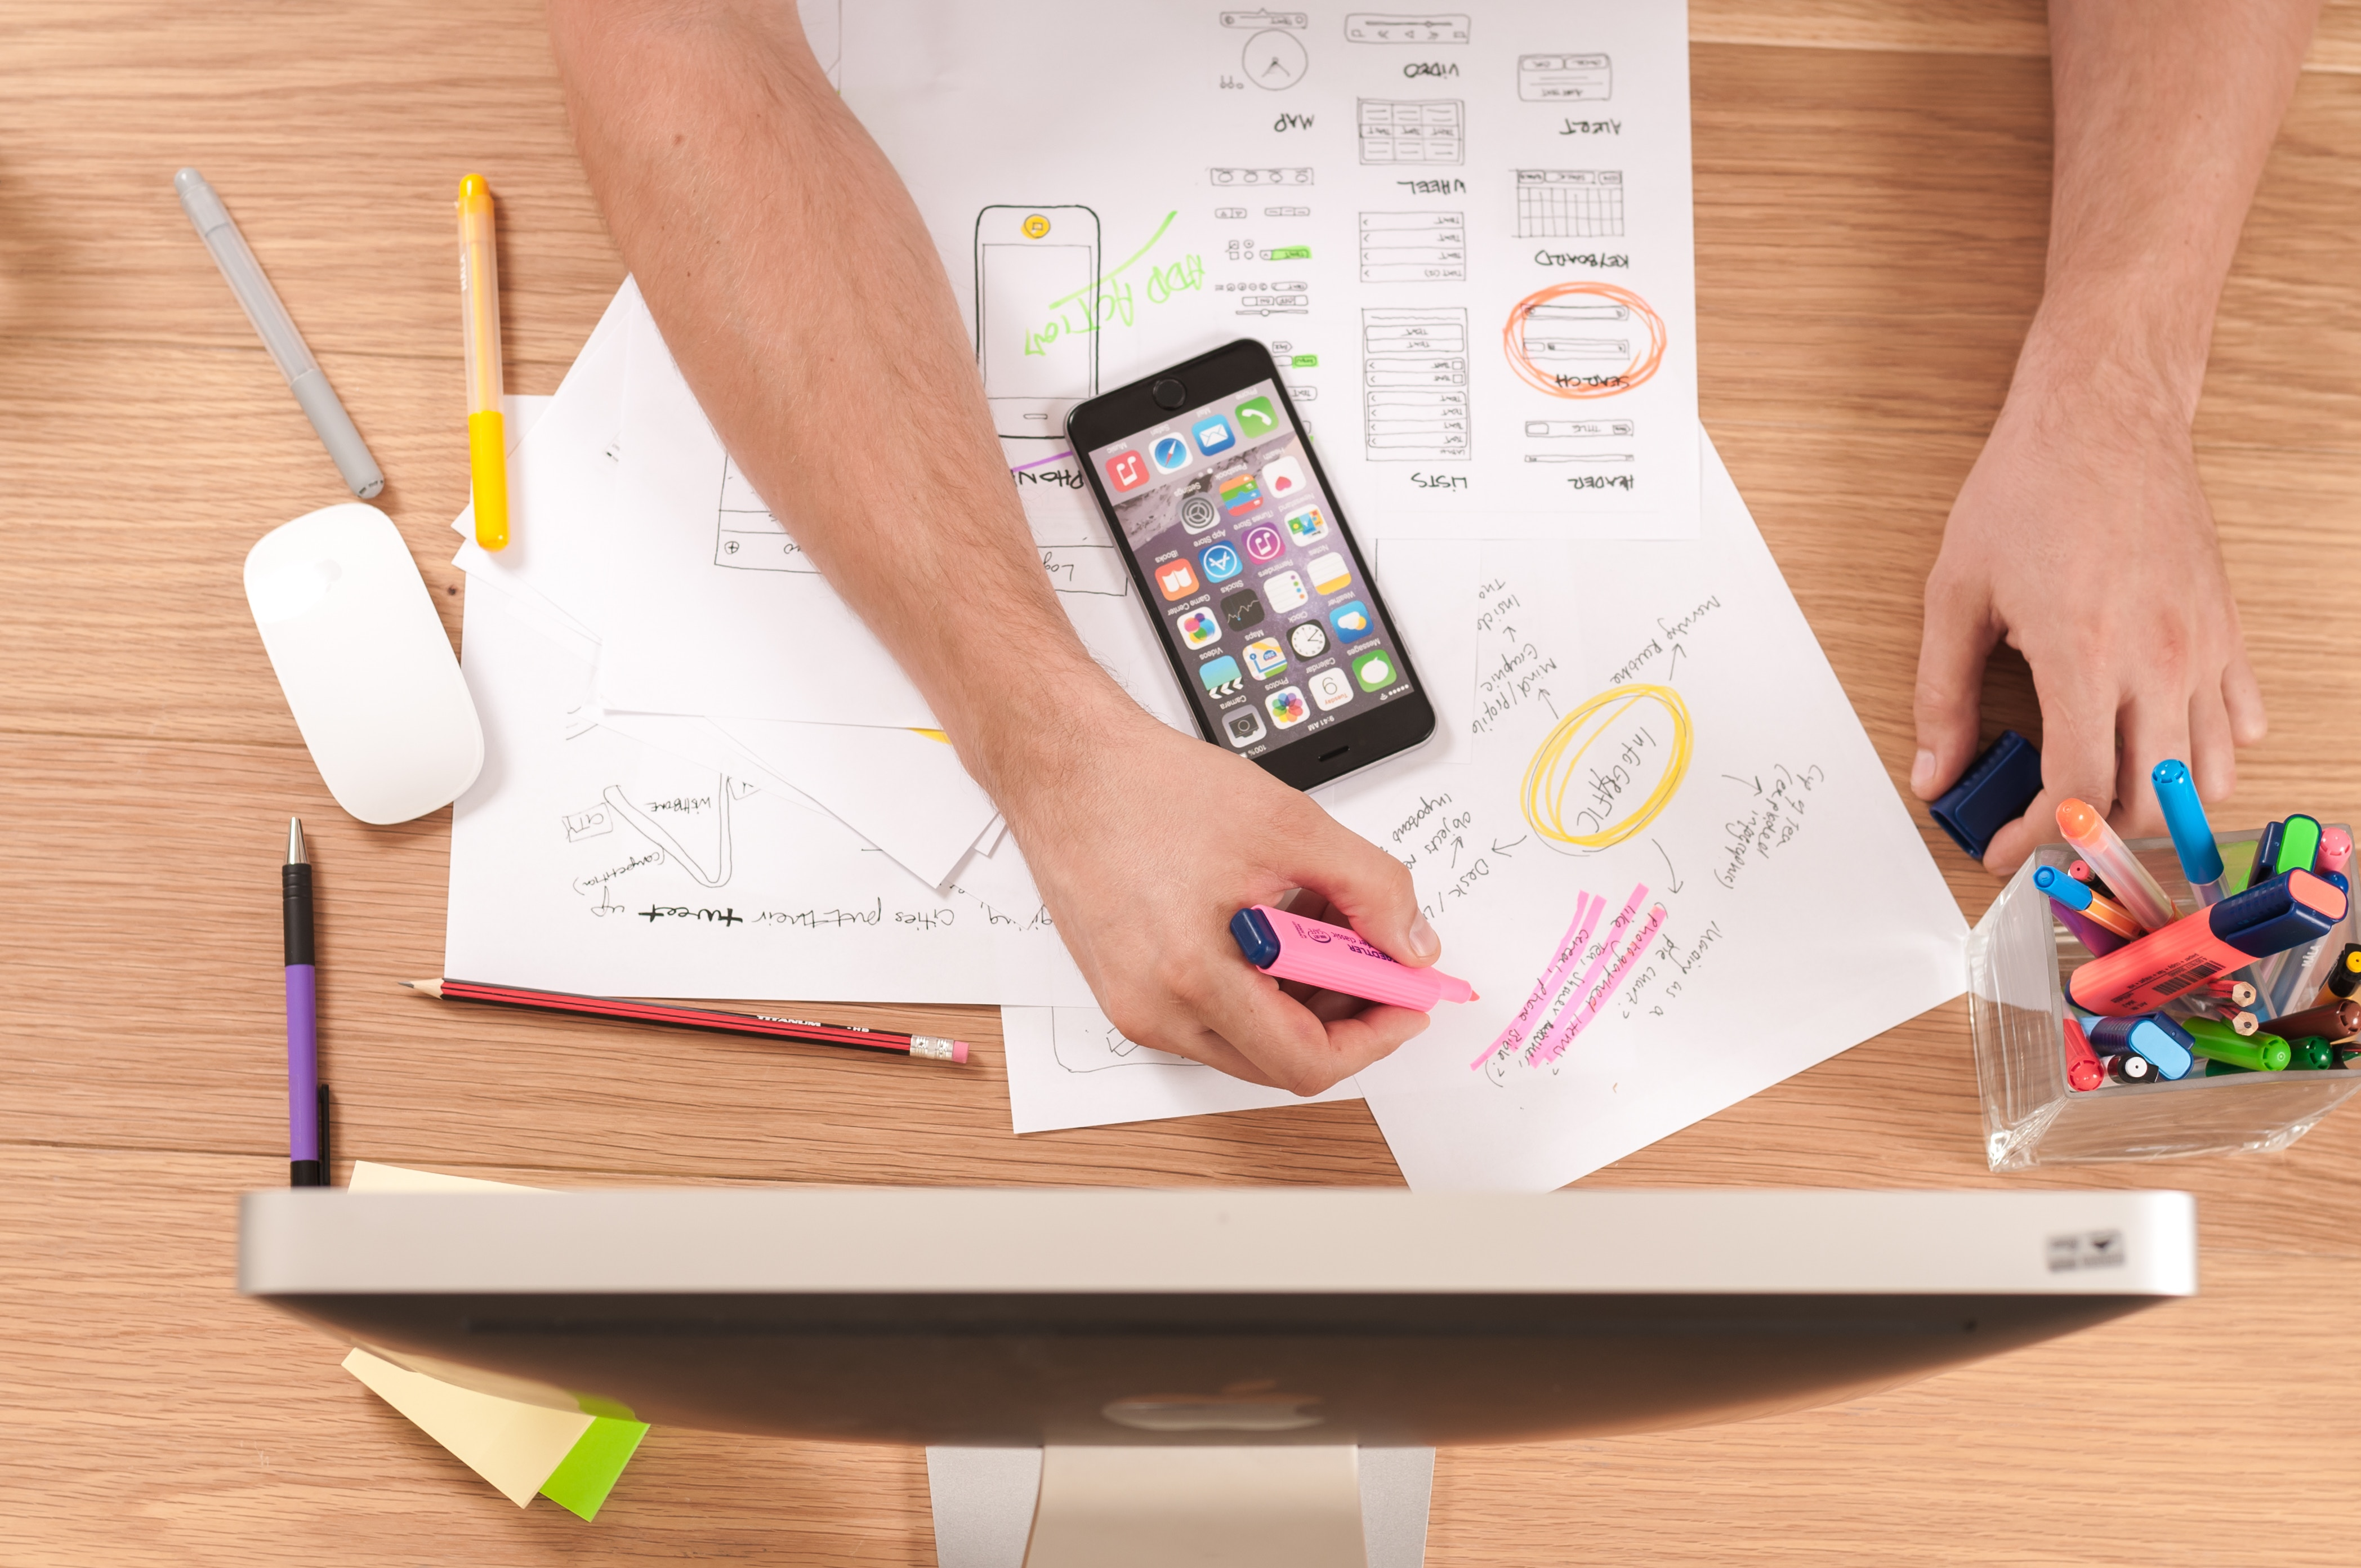 Inbound Marketing Hubspot workshop scope